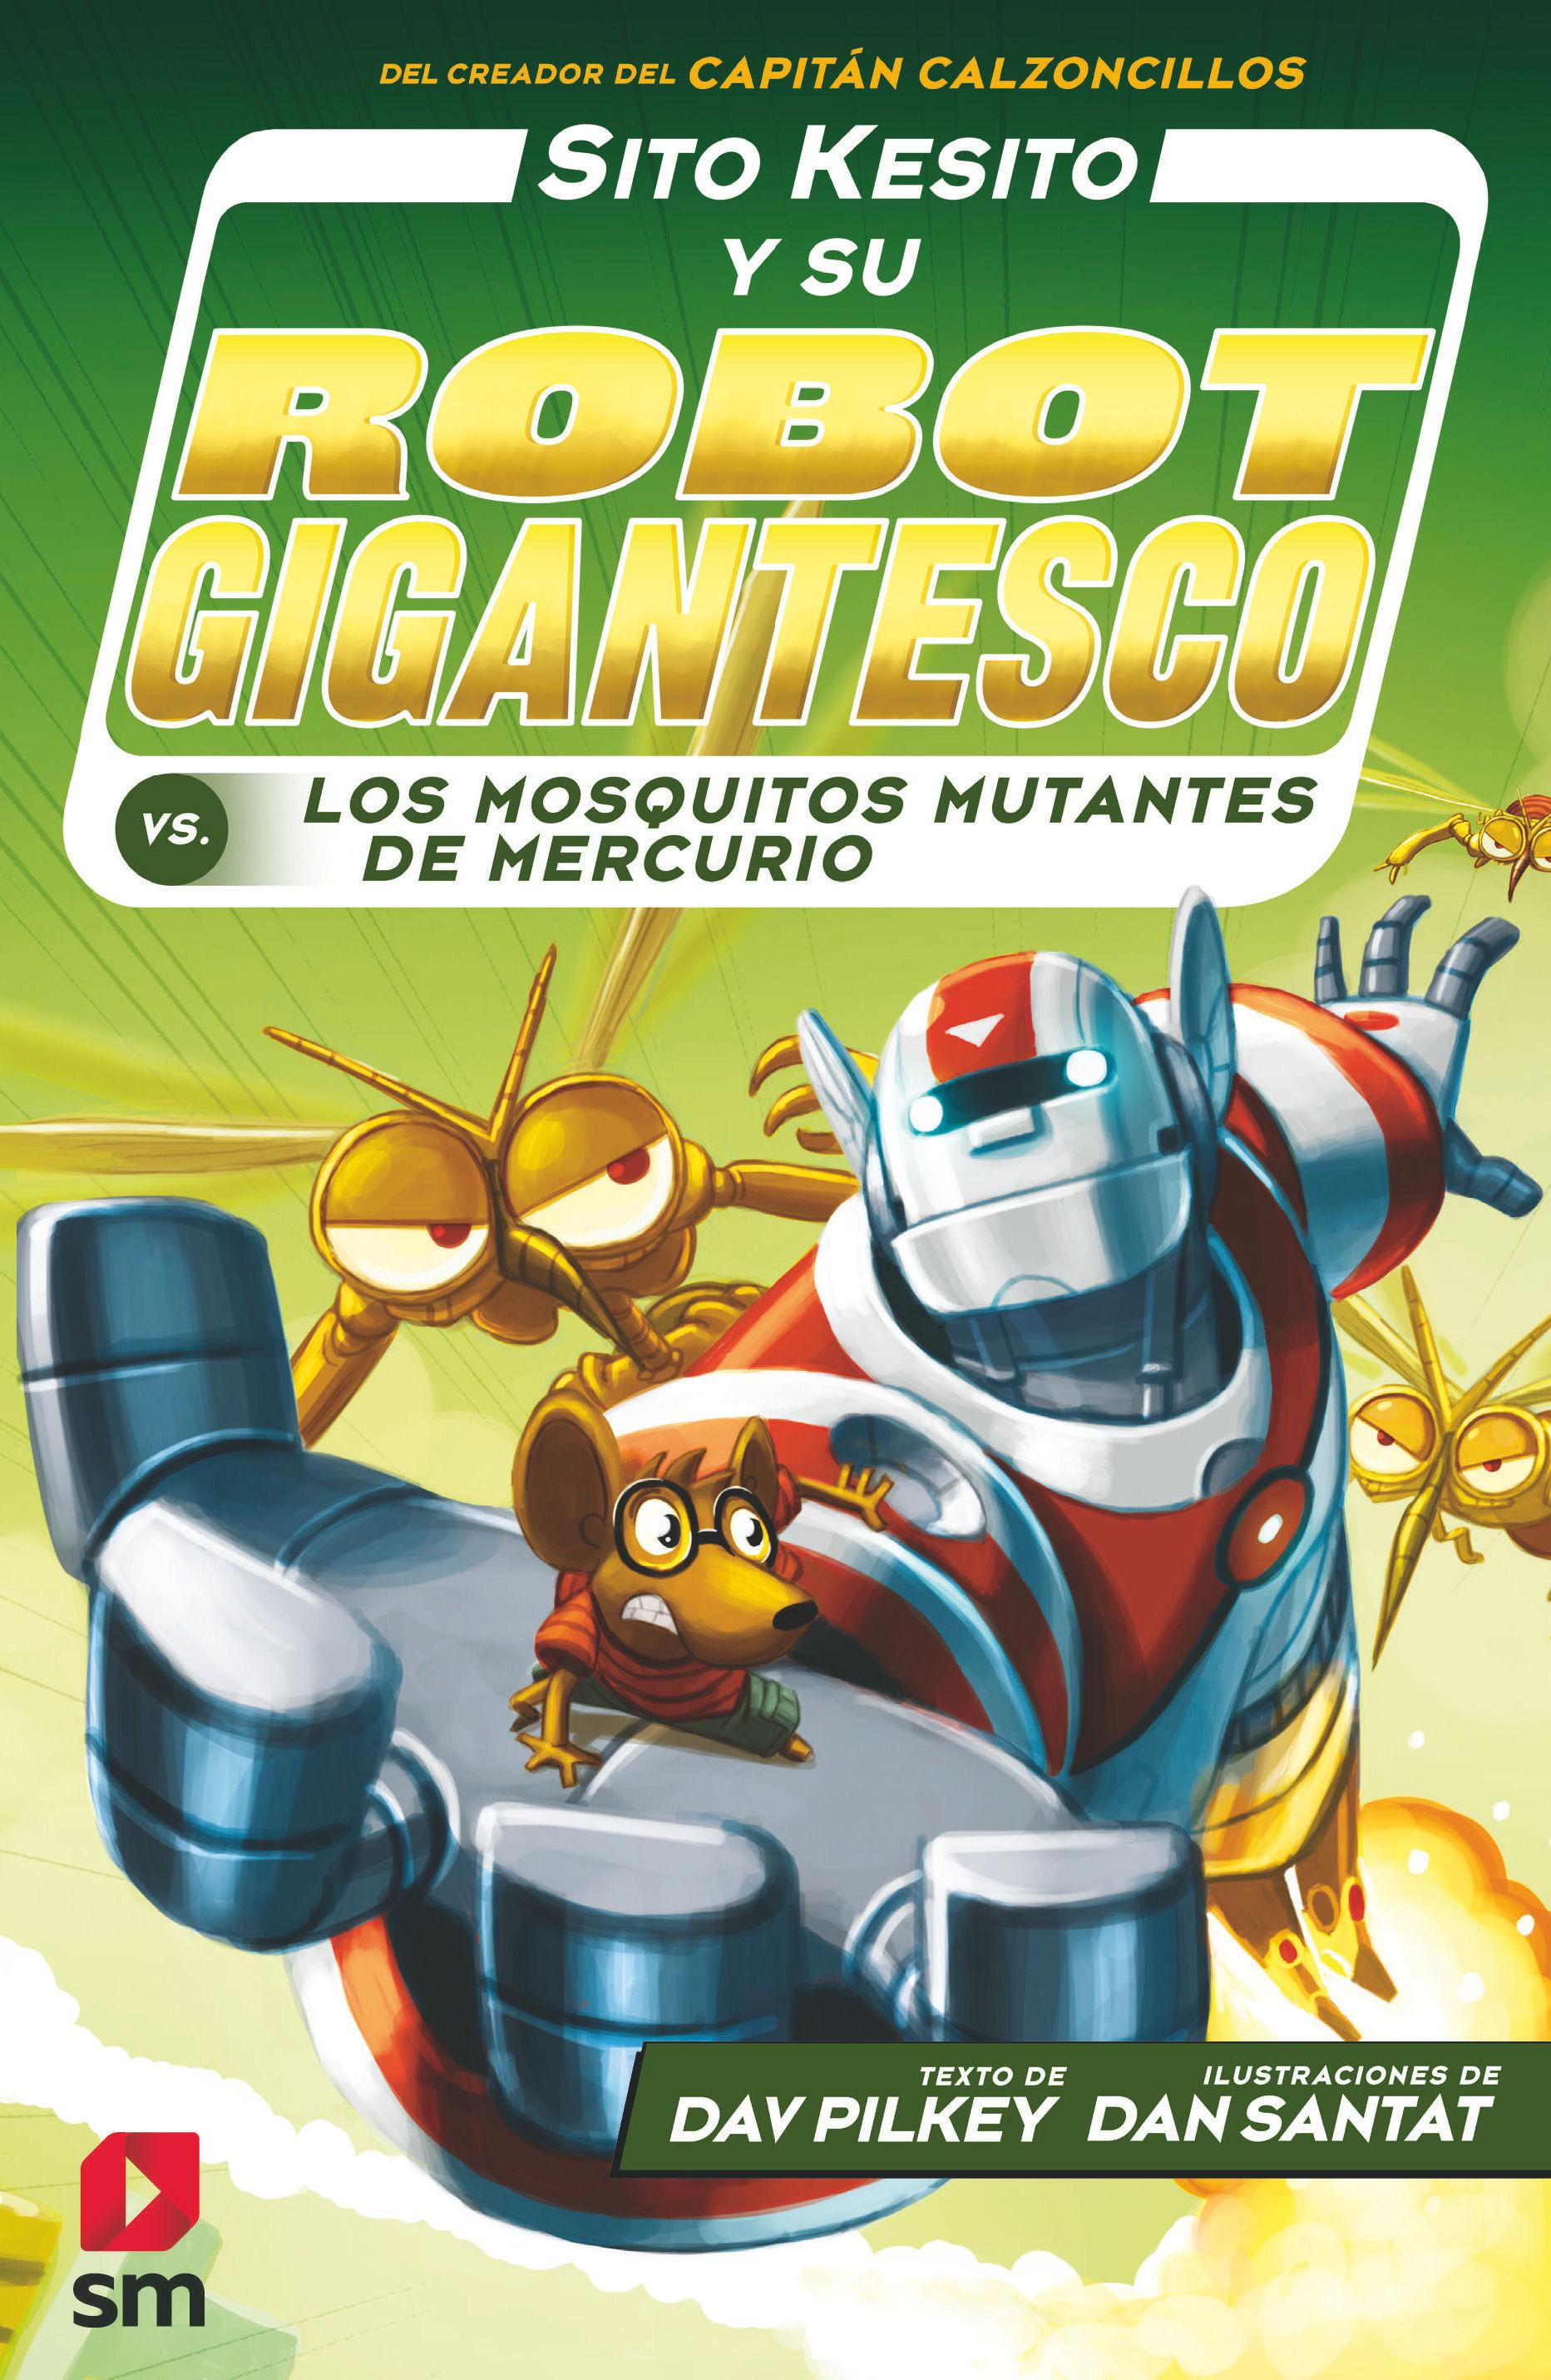 SITO KESITO Y SU ROBOT GIGANTESCO 2 LOS MOSQUITOS MUTANTES DE MERCURIO